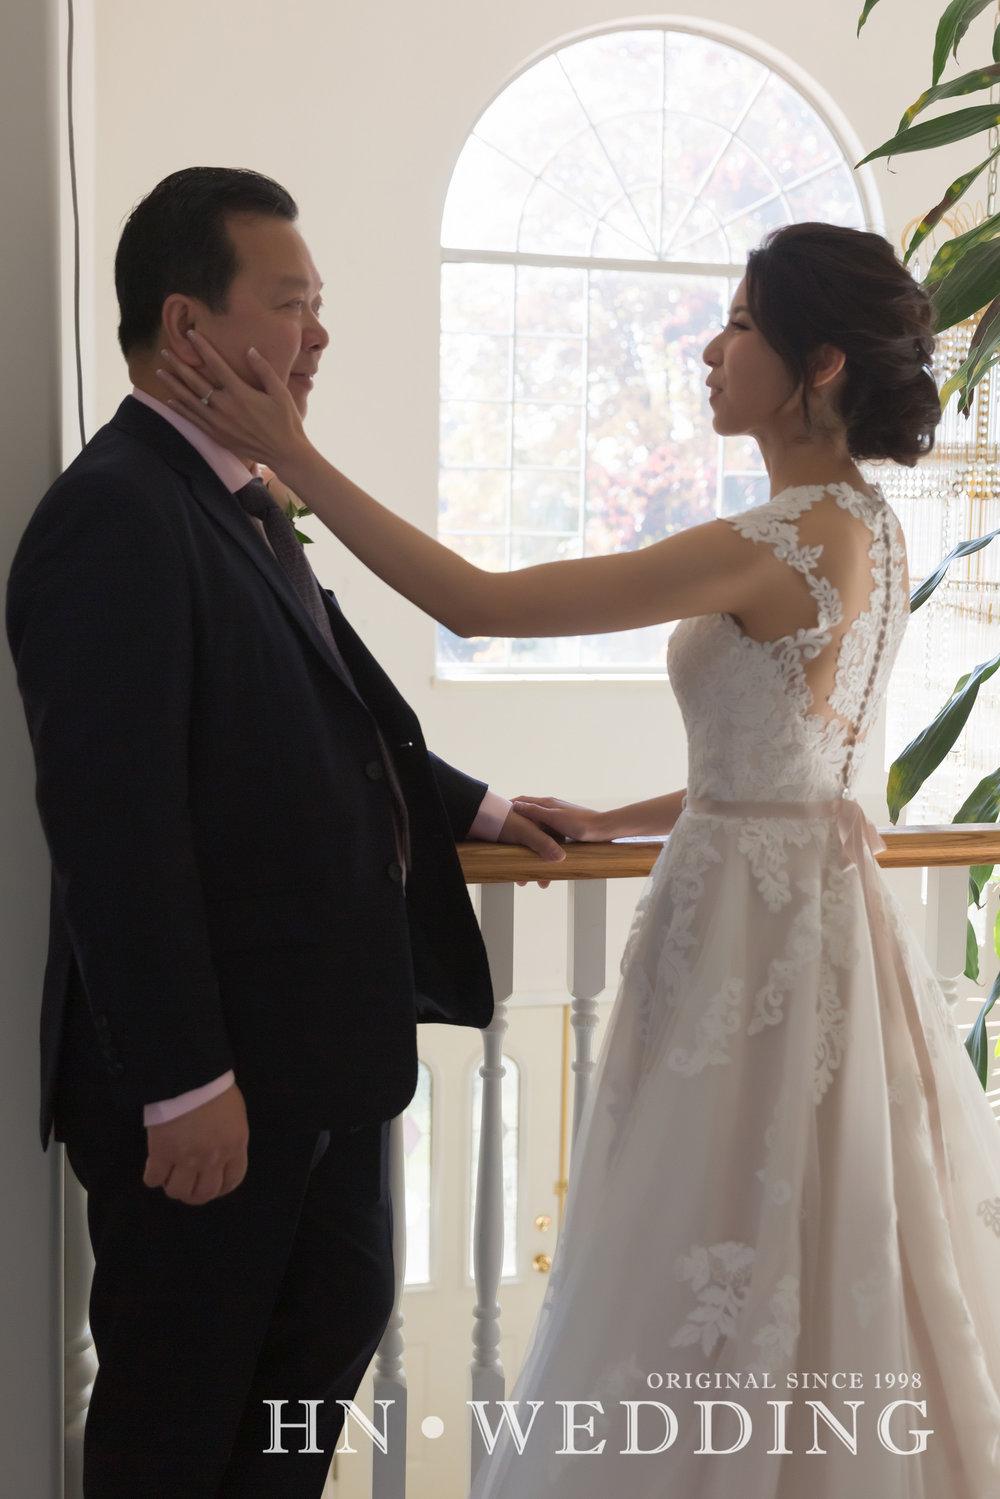 hnweddingweddingday20180526-14.jpg